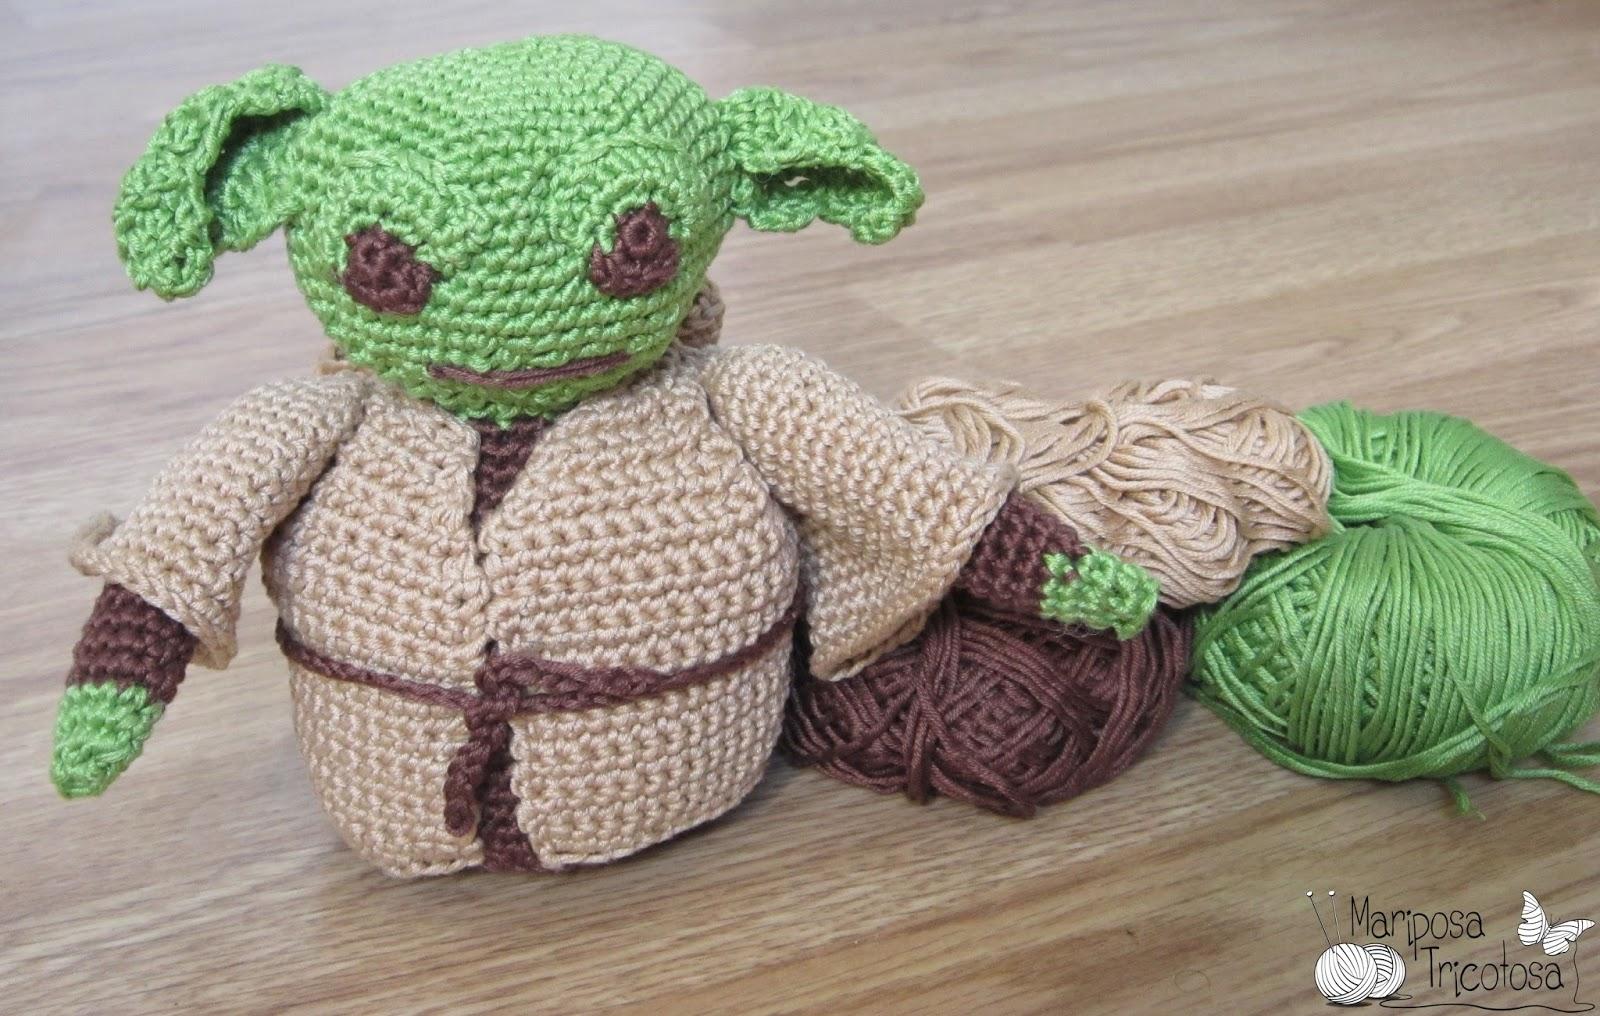 DIY Yoda Star Wars amigurumi crochet/ganchillo (tutorial ... | 1016x1600